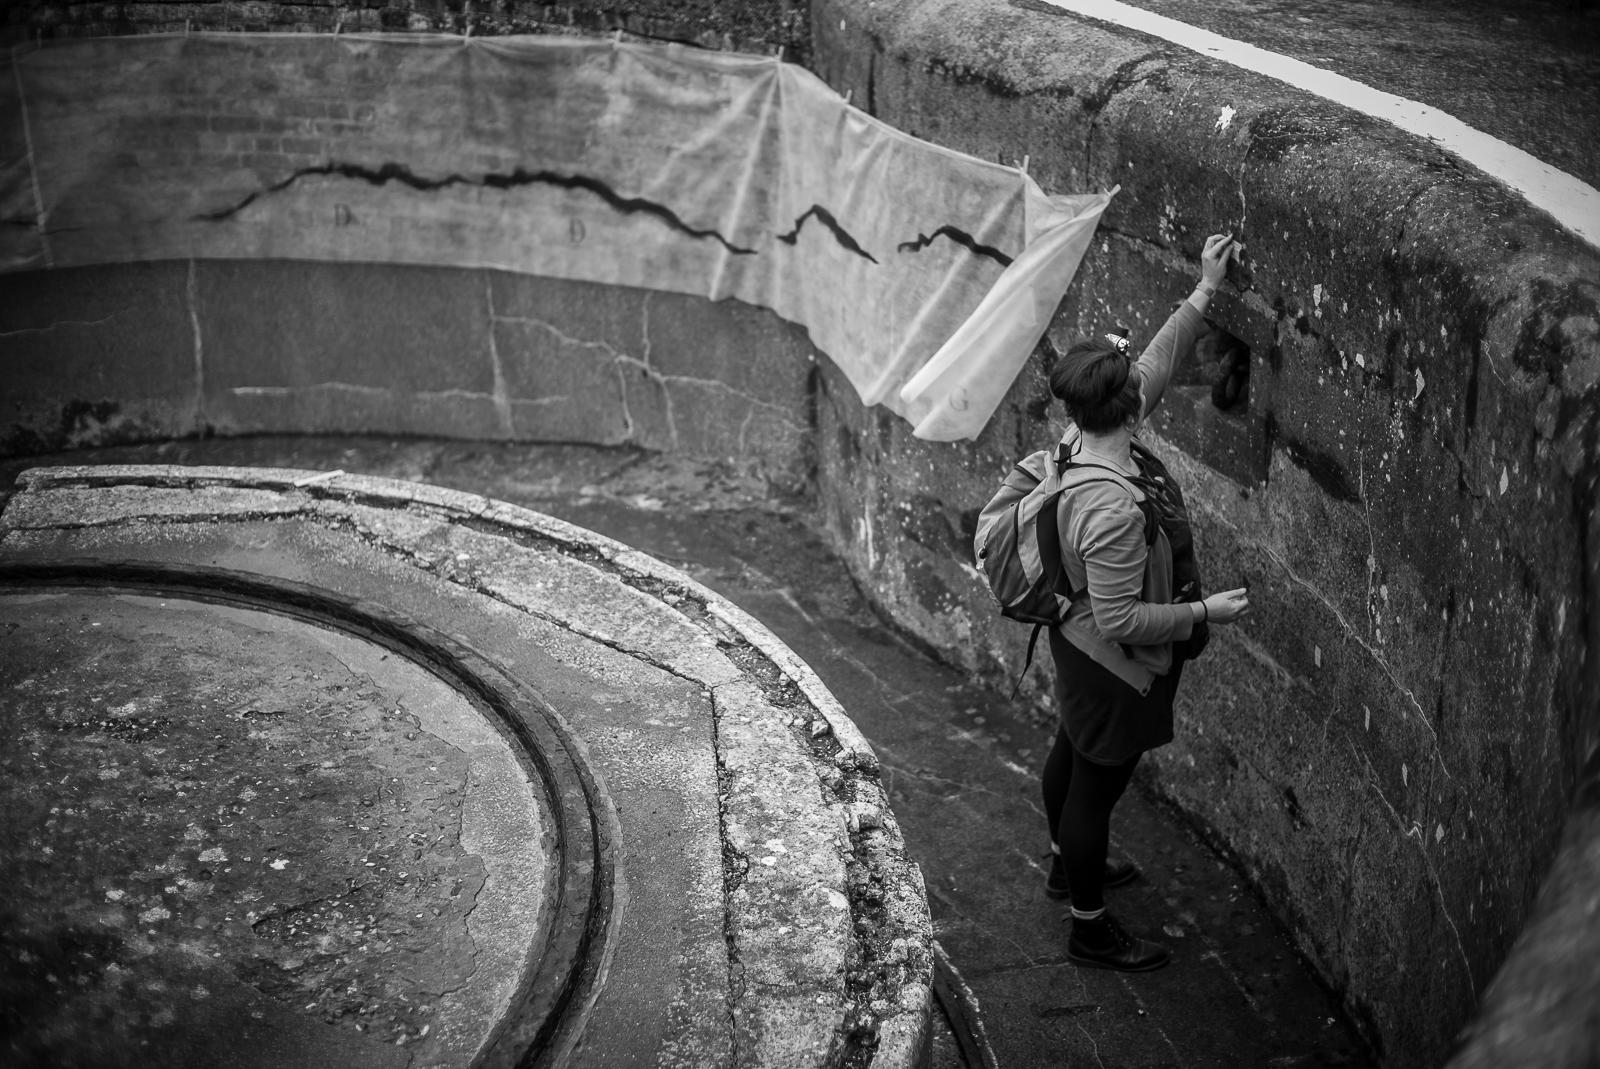 Jobina Tinnemans - prepping 'Central' - photo Agata Urbaniak